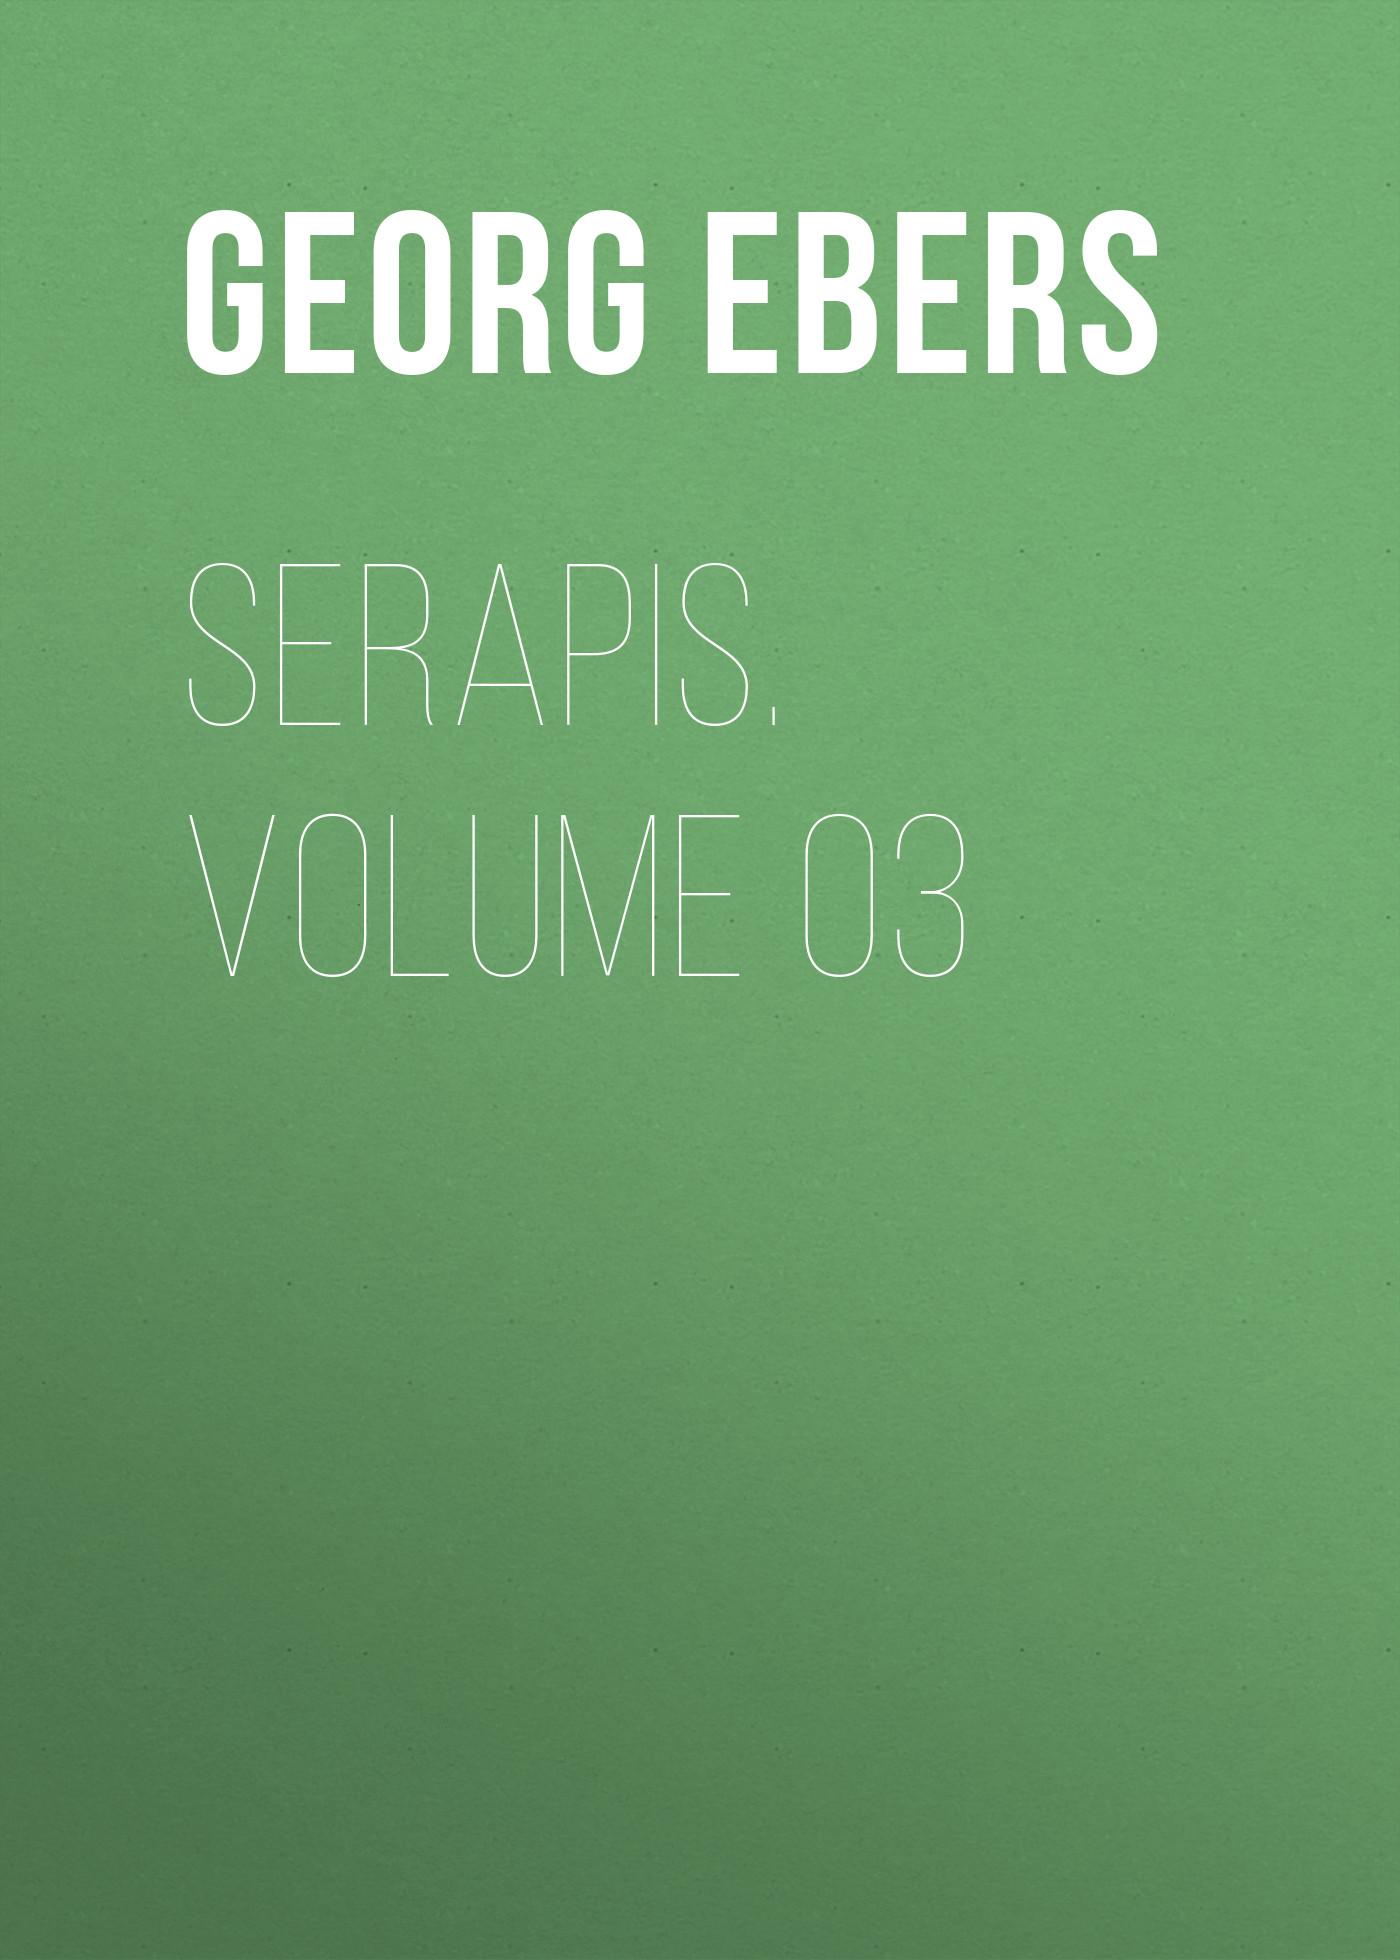 Georg Ebers Serapis. Volume 03 georg ebers antike portraits die hellenistischen bildnisse aus dem fajjum